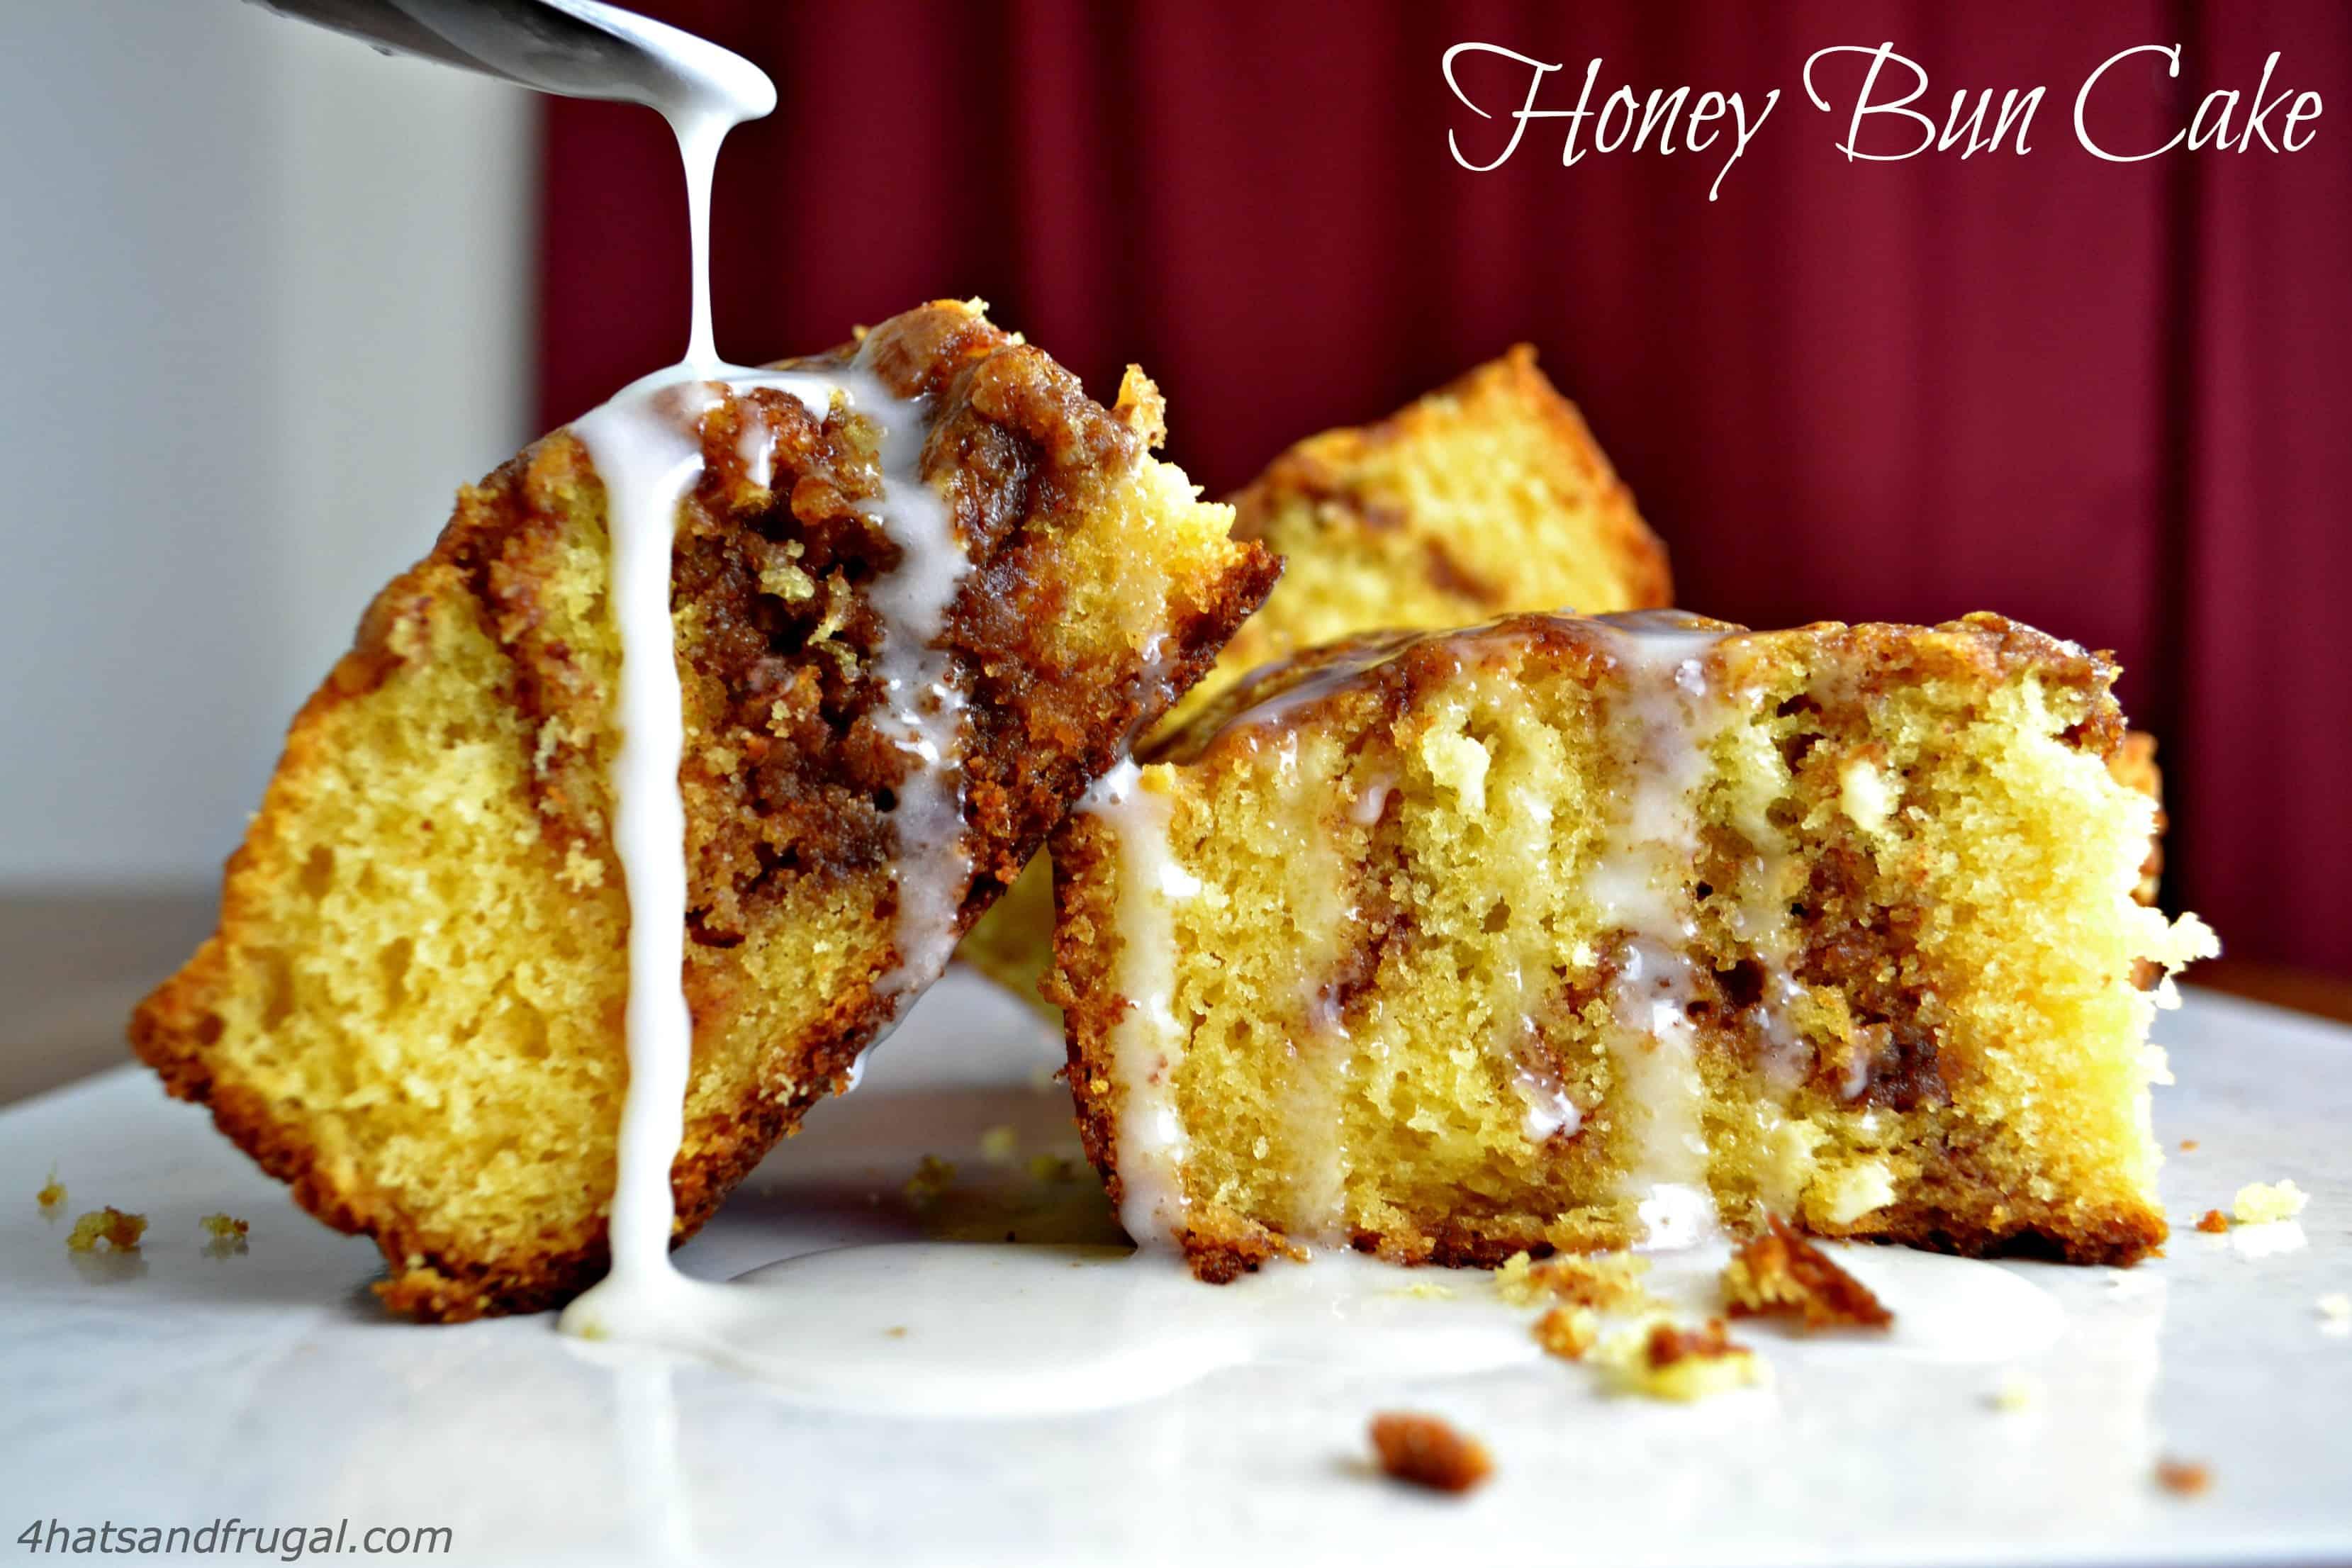 Honey Bun Cake Made With Cream Cheese